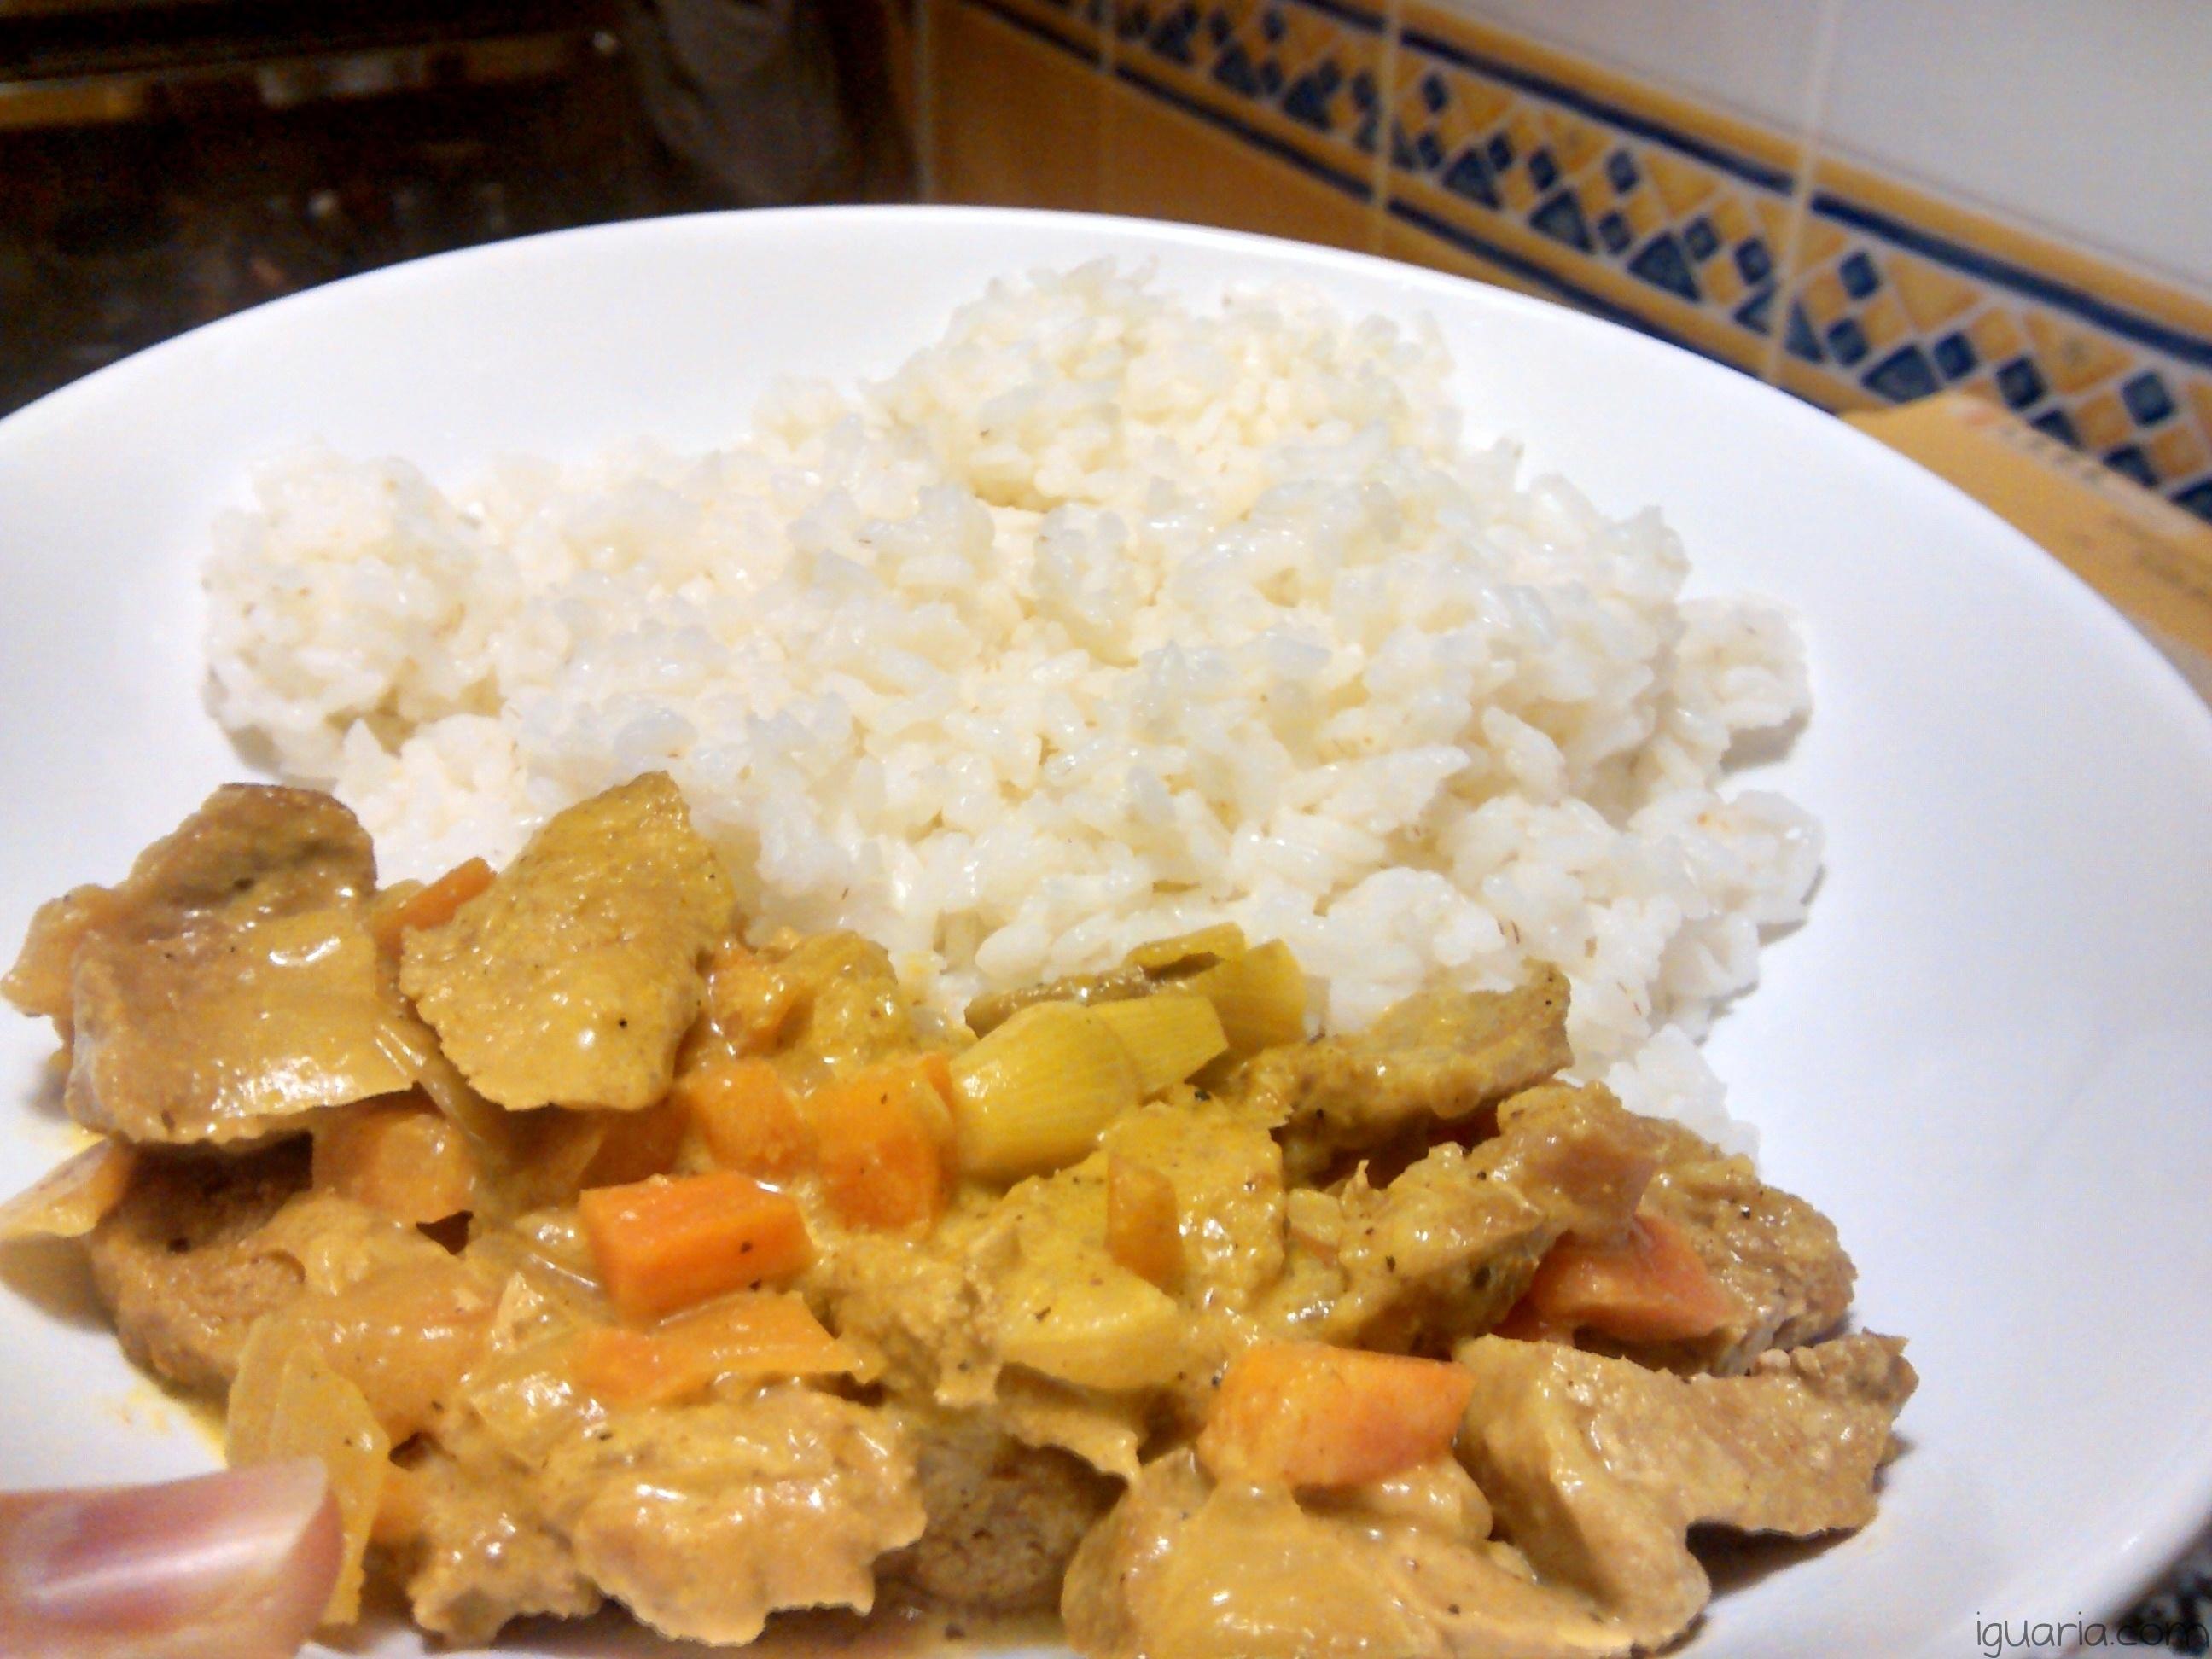 iguaria_caril-de-bife-com-arroz